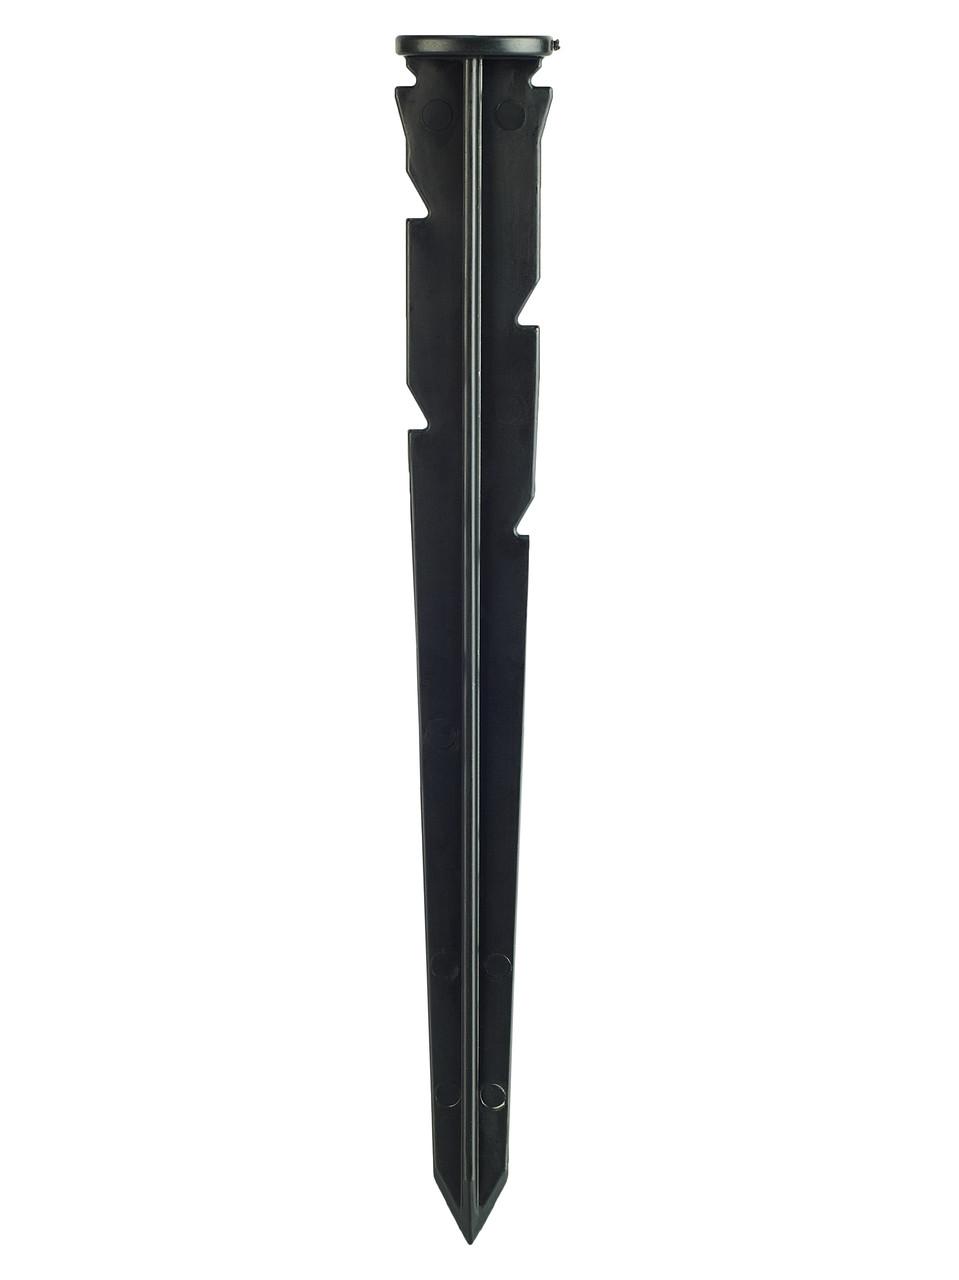 Пластиковые колья 240мм для крепления бордюров